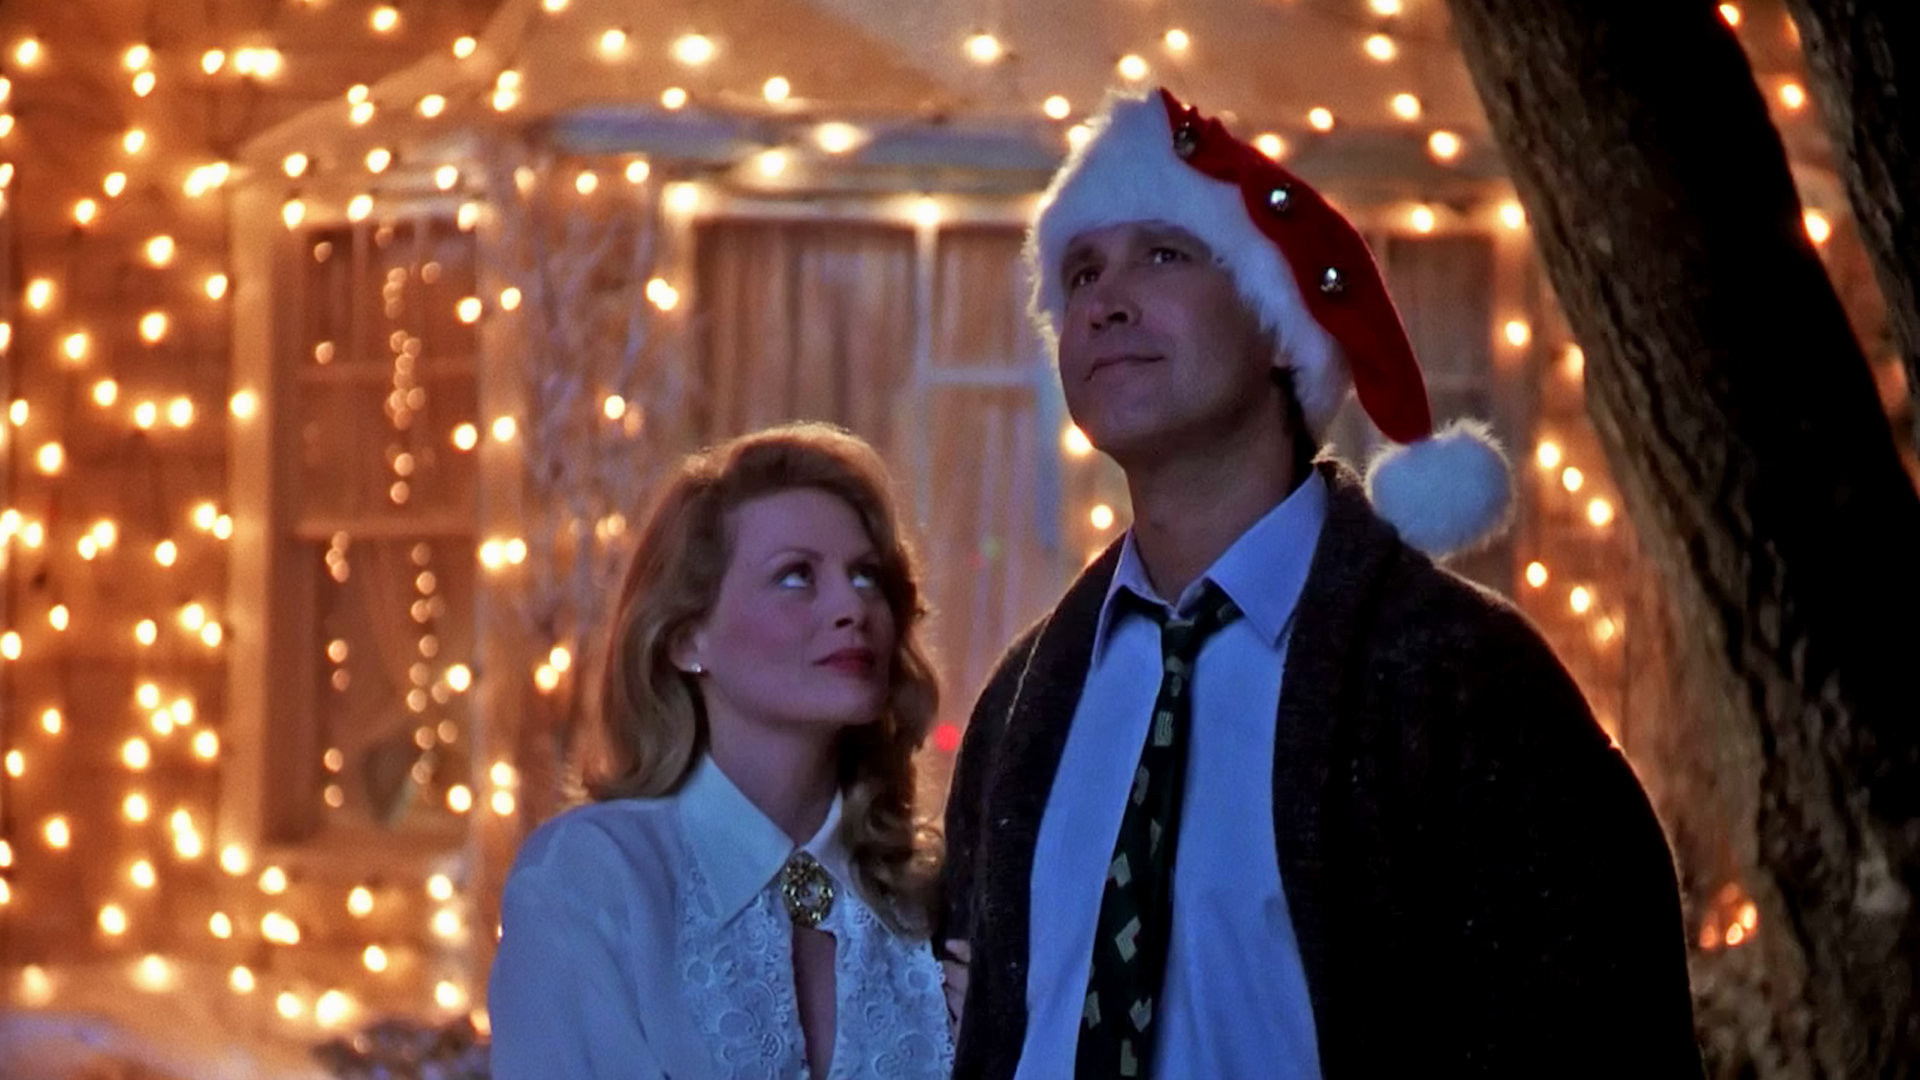 W krzywym zwierciadle: Witaj, Święty Mikołaju